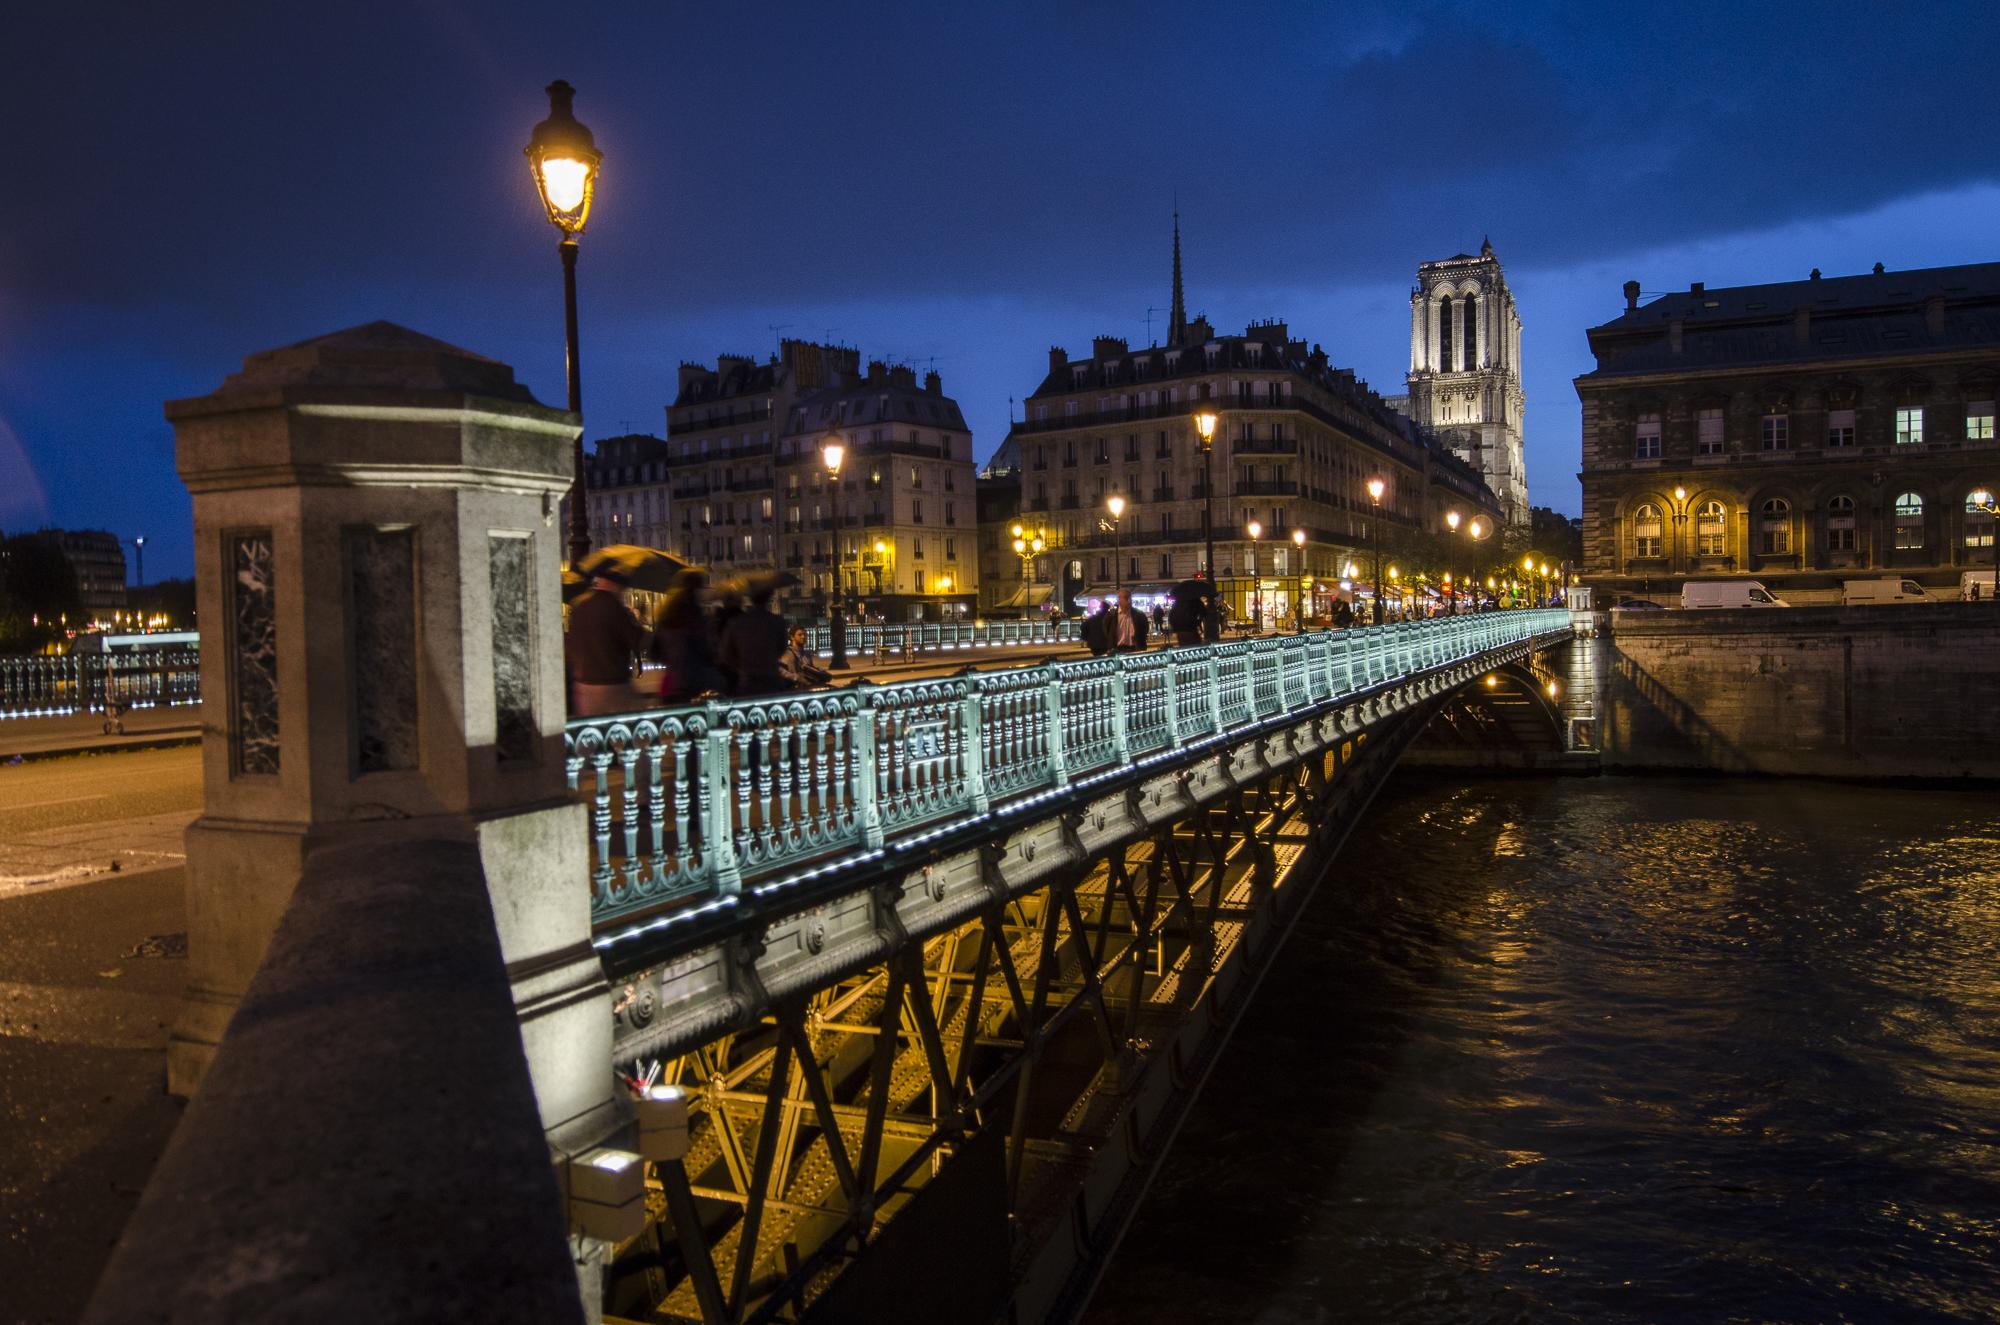 Pont d'Arcole  PHOTOGRAPHY : ALEXANDER J.E. BRADLEY •Nikon D7000 • AF-S NIKKOR 14-24mm F/2.8G ED • 18mM • F/2.8 • 1/15 •ISO 200